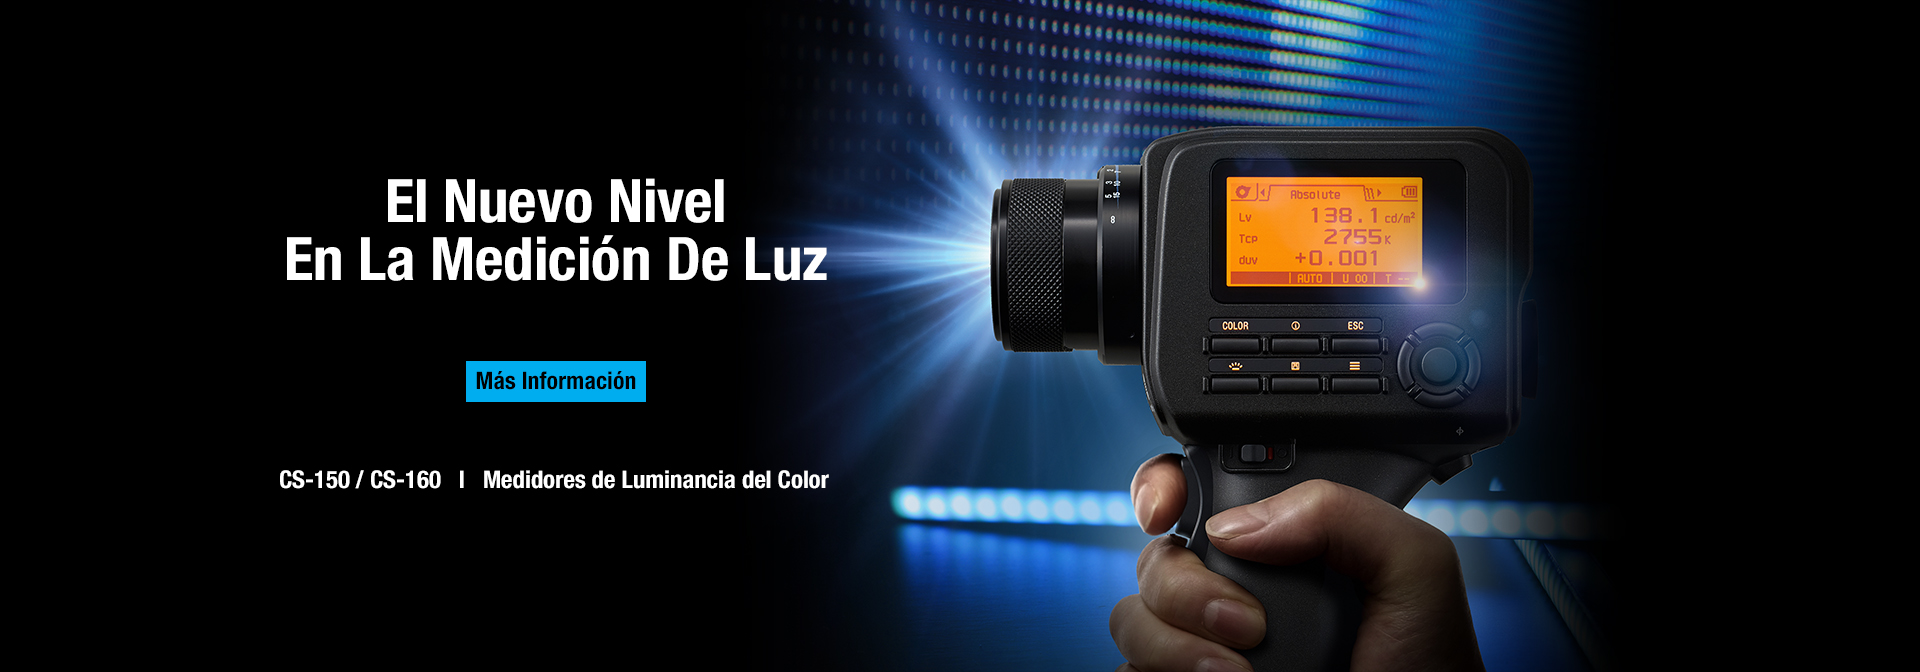 Medidor de Luminancia y Color CS-150/160